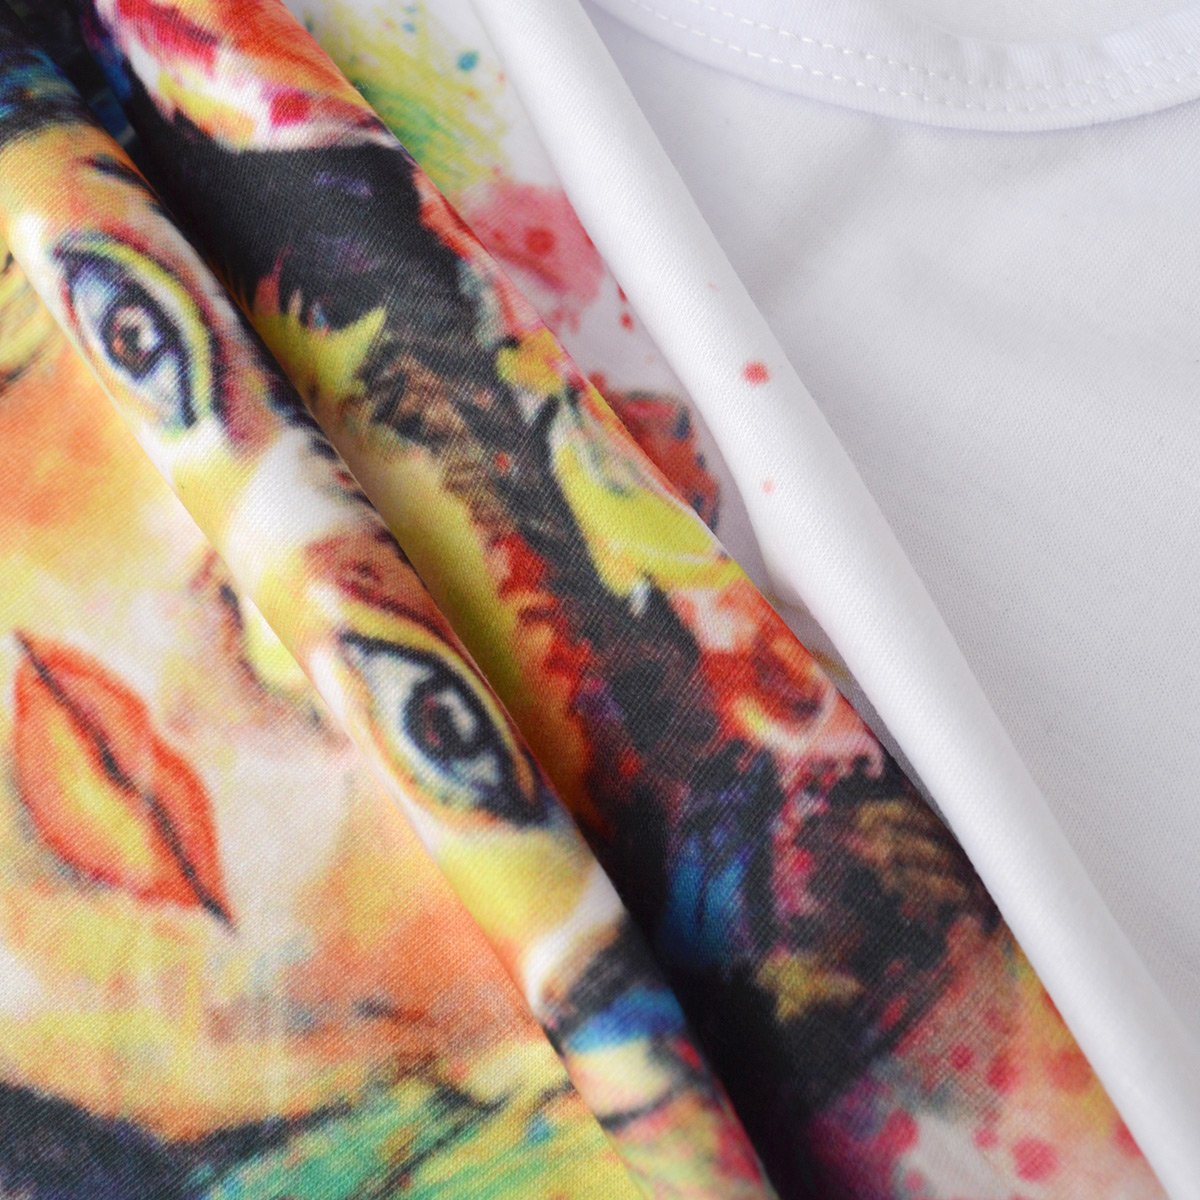 Jahurto Camiseta para Mujer de Manga Corta Artista Mexicana Frida Kahlo Personalizada (Color : White, tamaño : S): Amazon.es: Ropa y accesorios